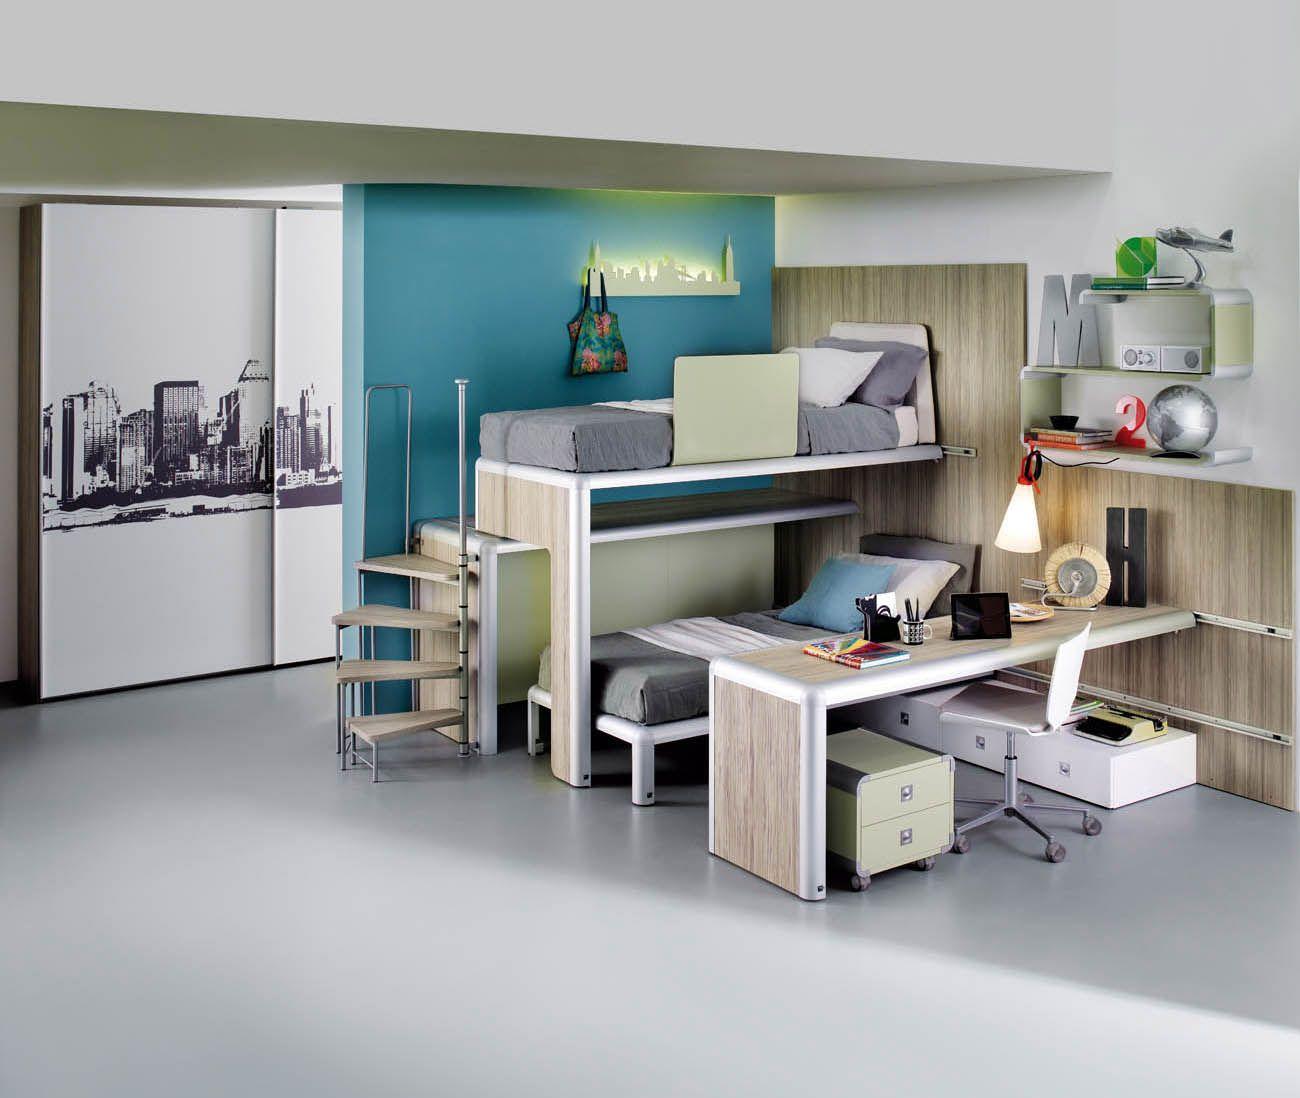 Tumidei Tiramolla camere per ragazzi | Home Décor - Kids Bedroom ...